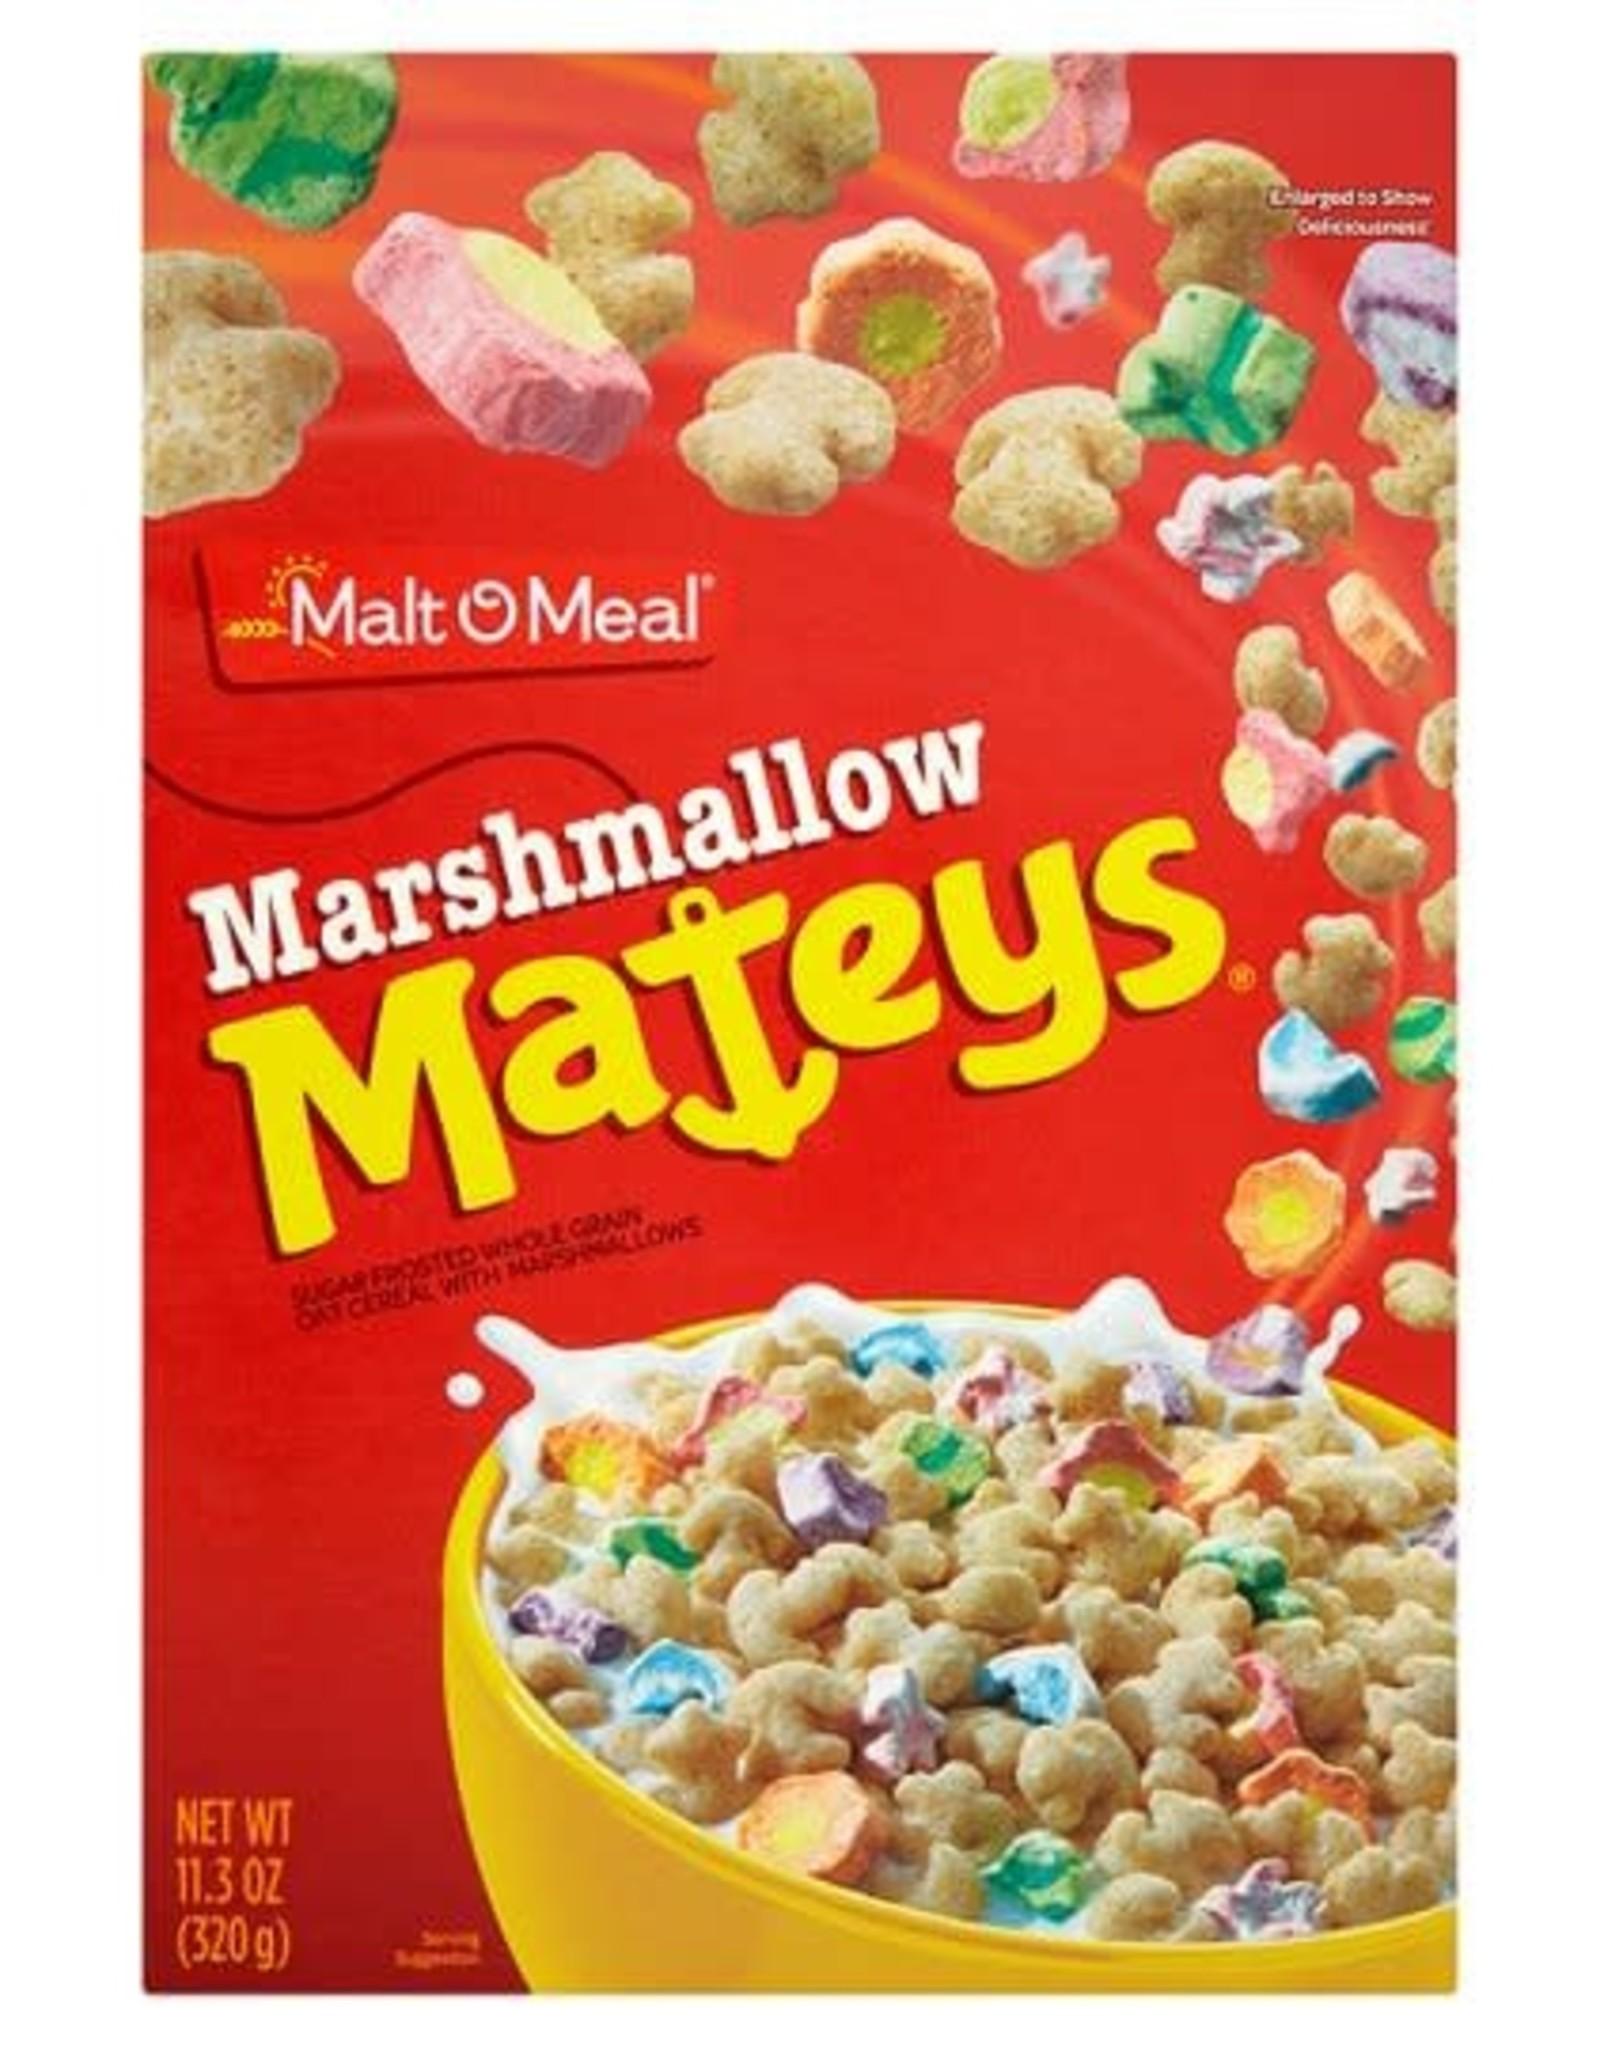 MaltOMeal Marshmallow Mateys